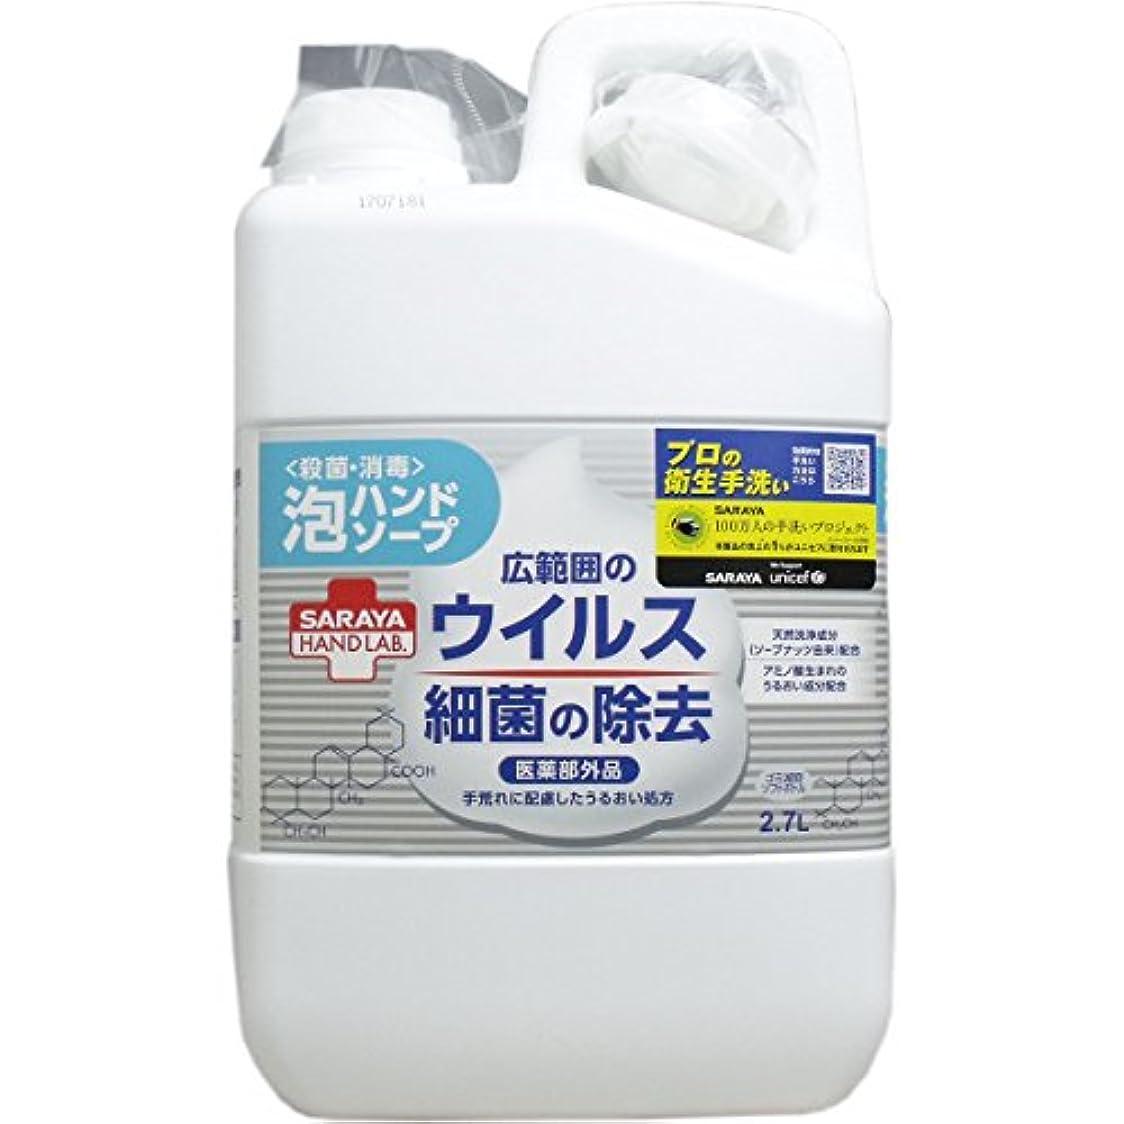 霜ヒゲ火薬ハンドラボ 薬用泡ハンドソープ 詰替用 2.7L×10個セット